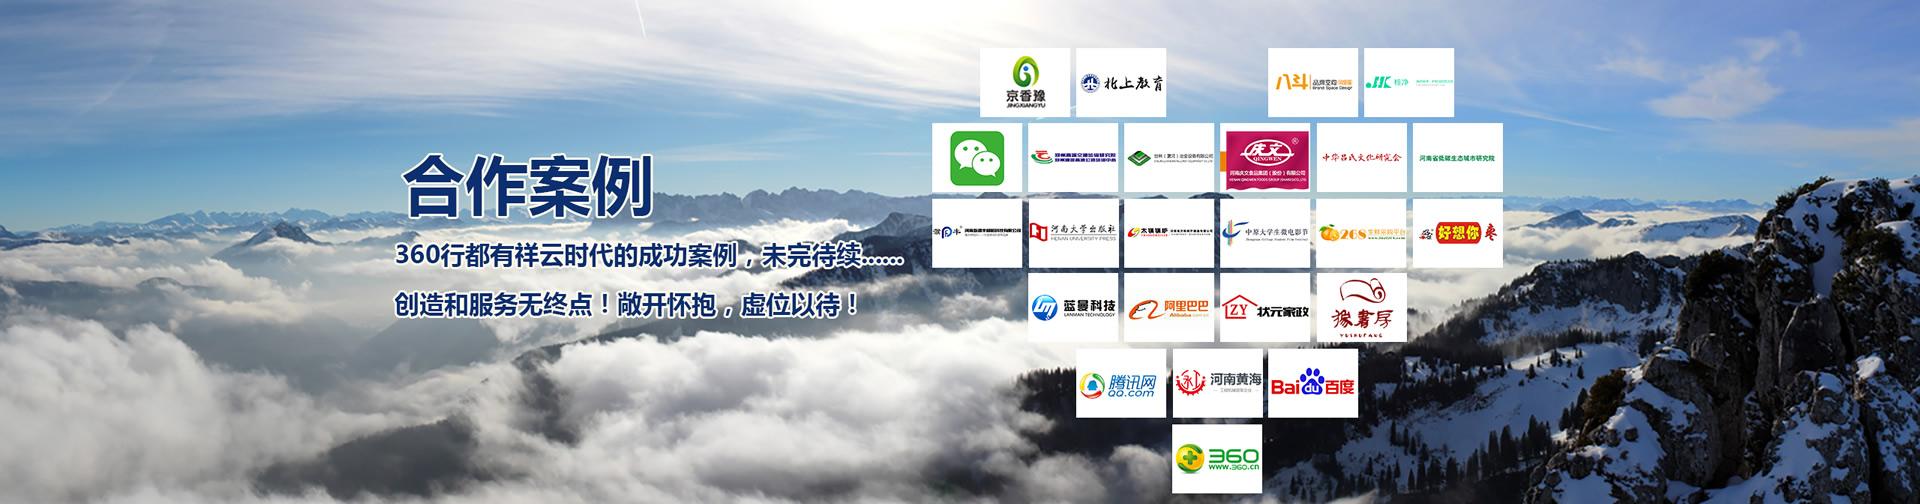 河南营销网站